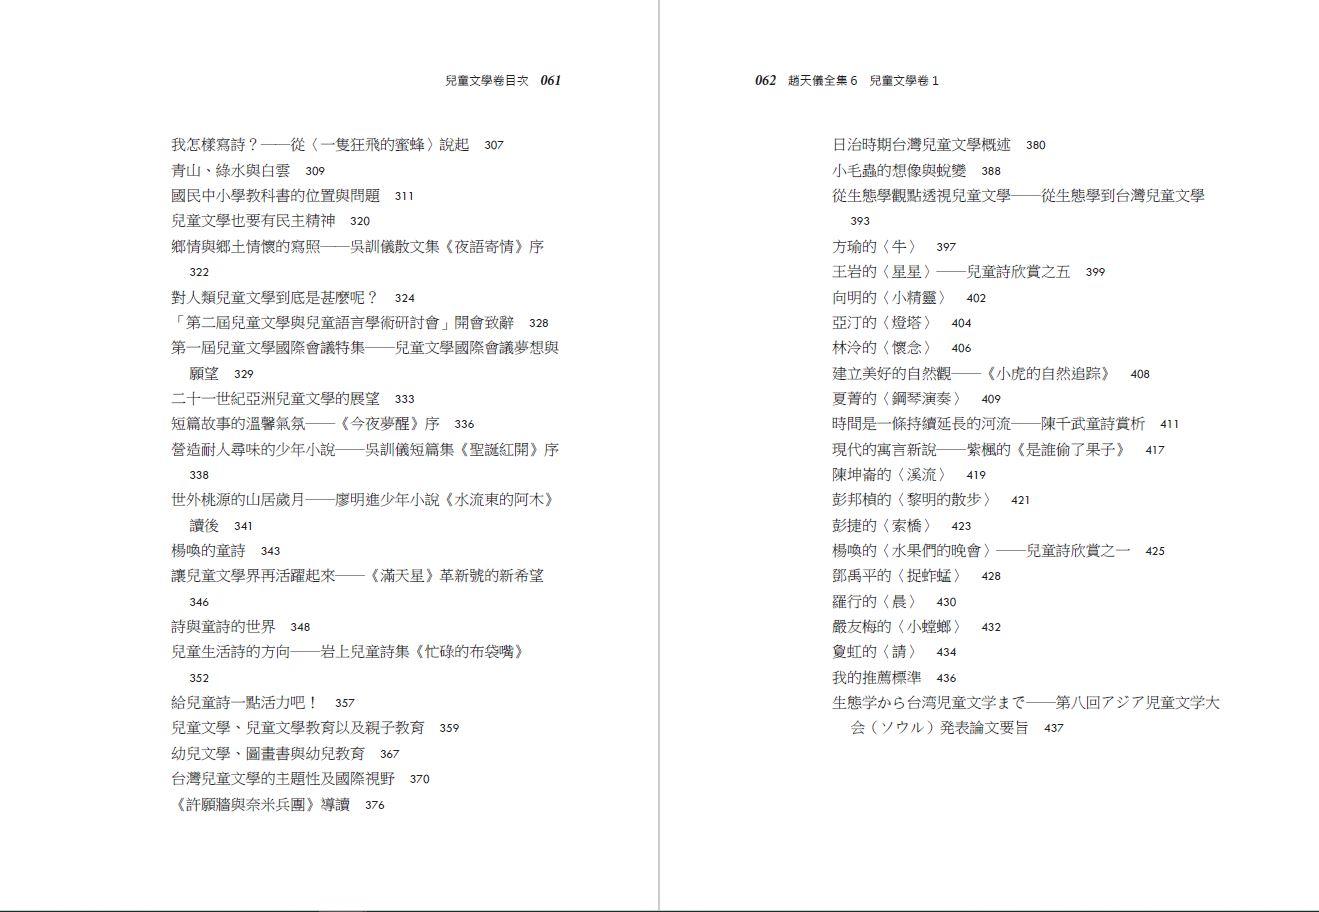 趙天儀全集-兒童文學卷-目錄8.JPG